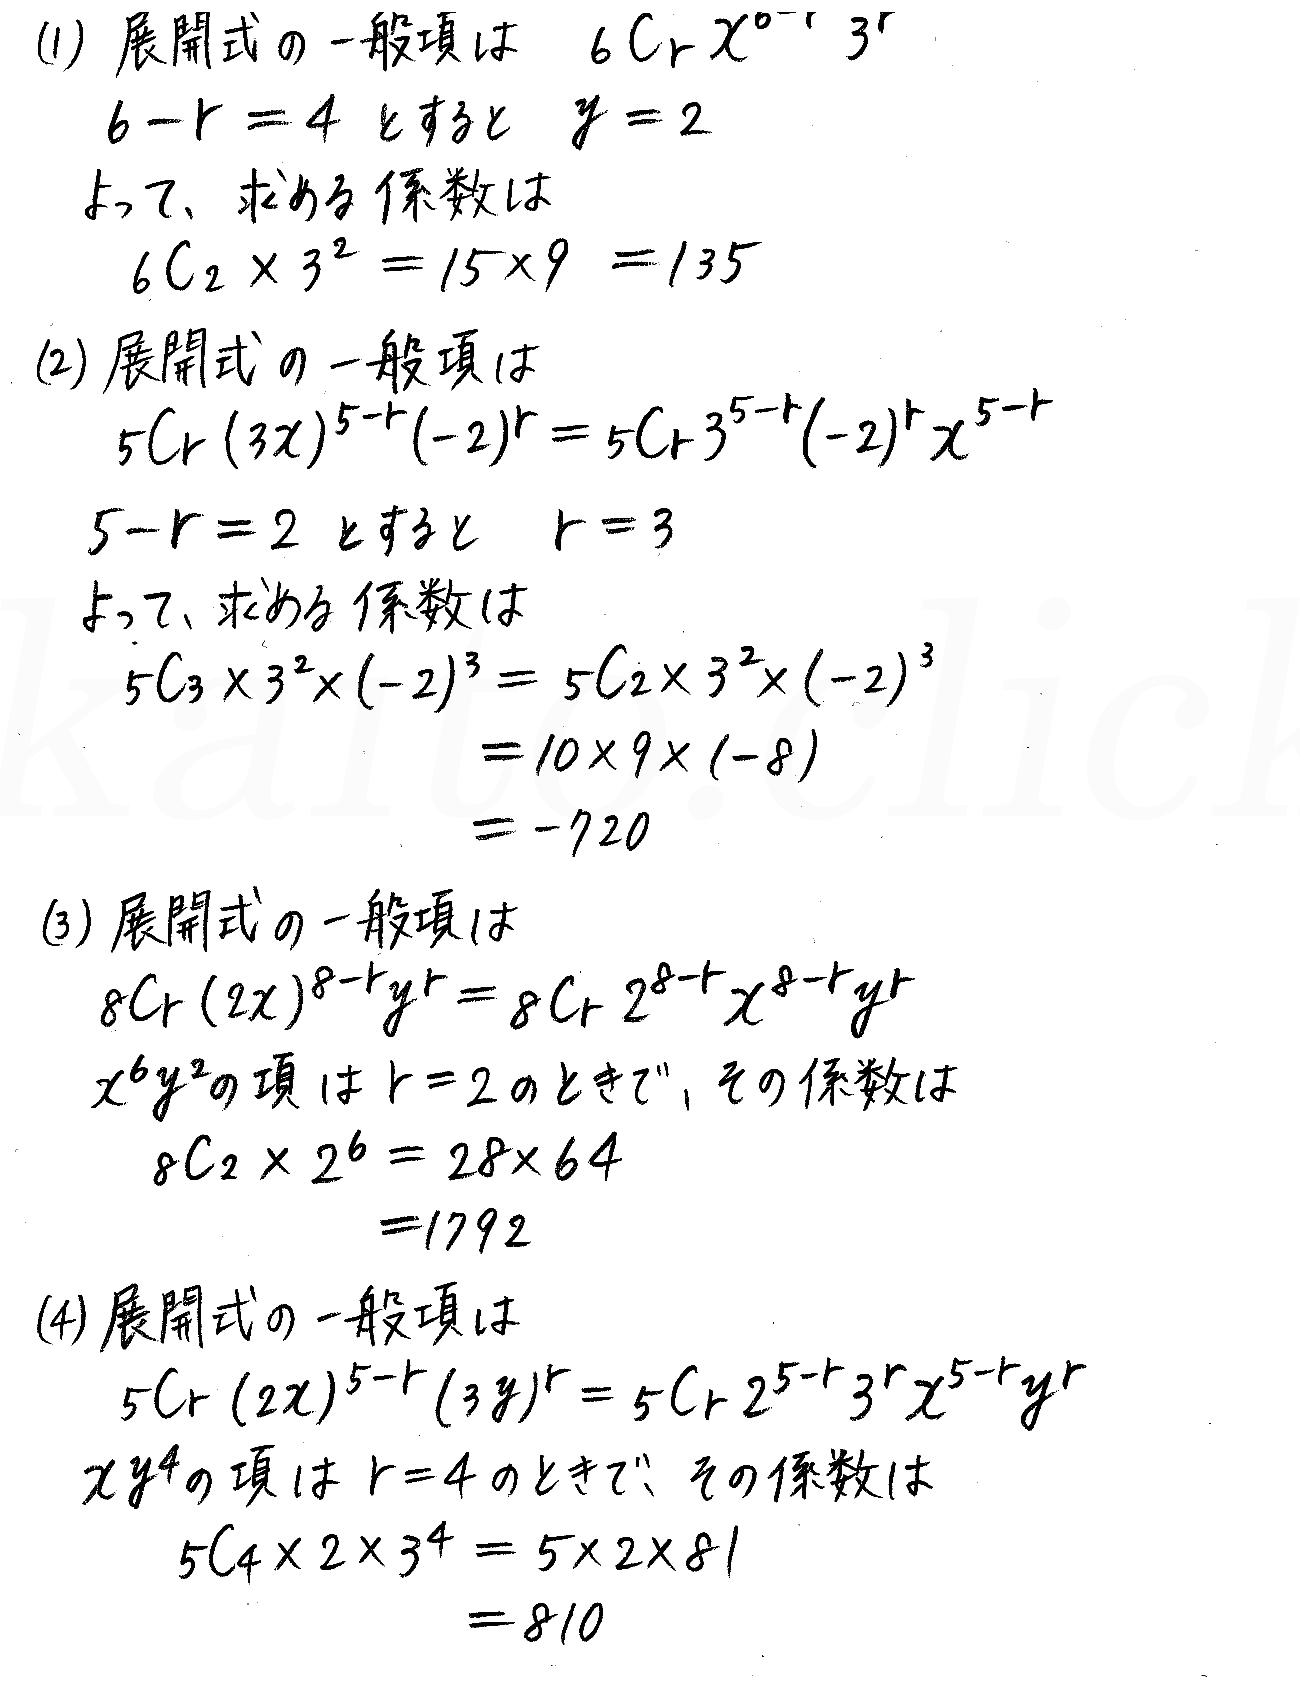 クリアー数学2-9解答